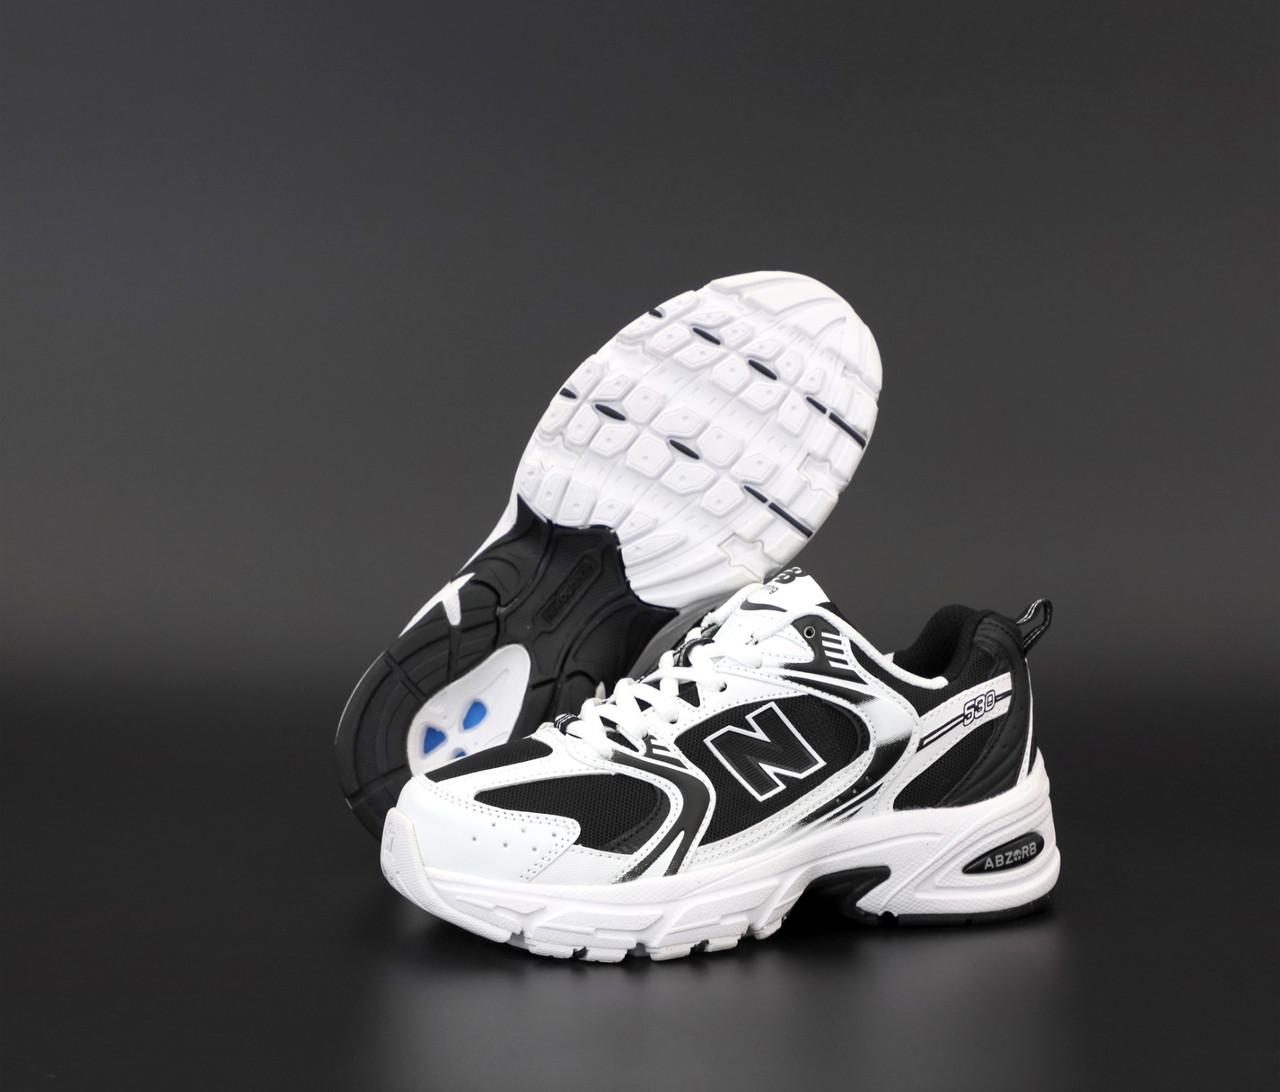 Мужские кроссовки New Balance 530 White. ТОП Реплика ААА класса.